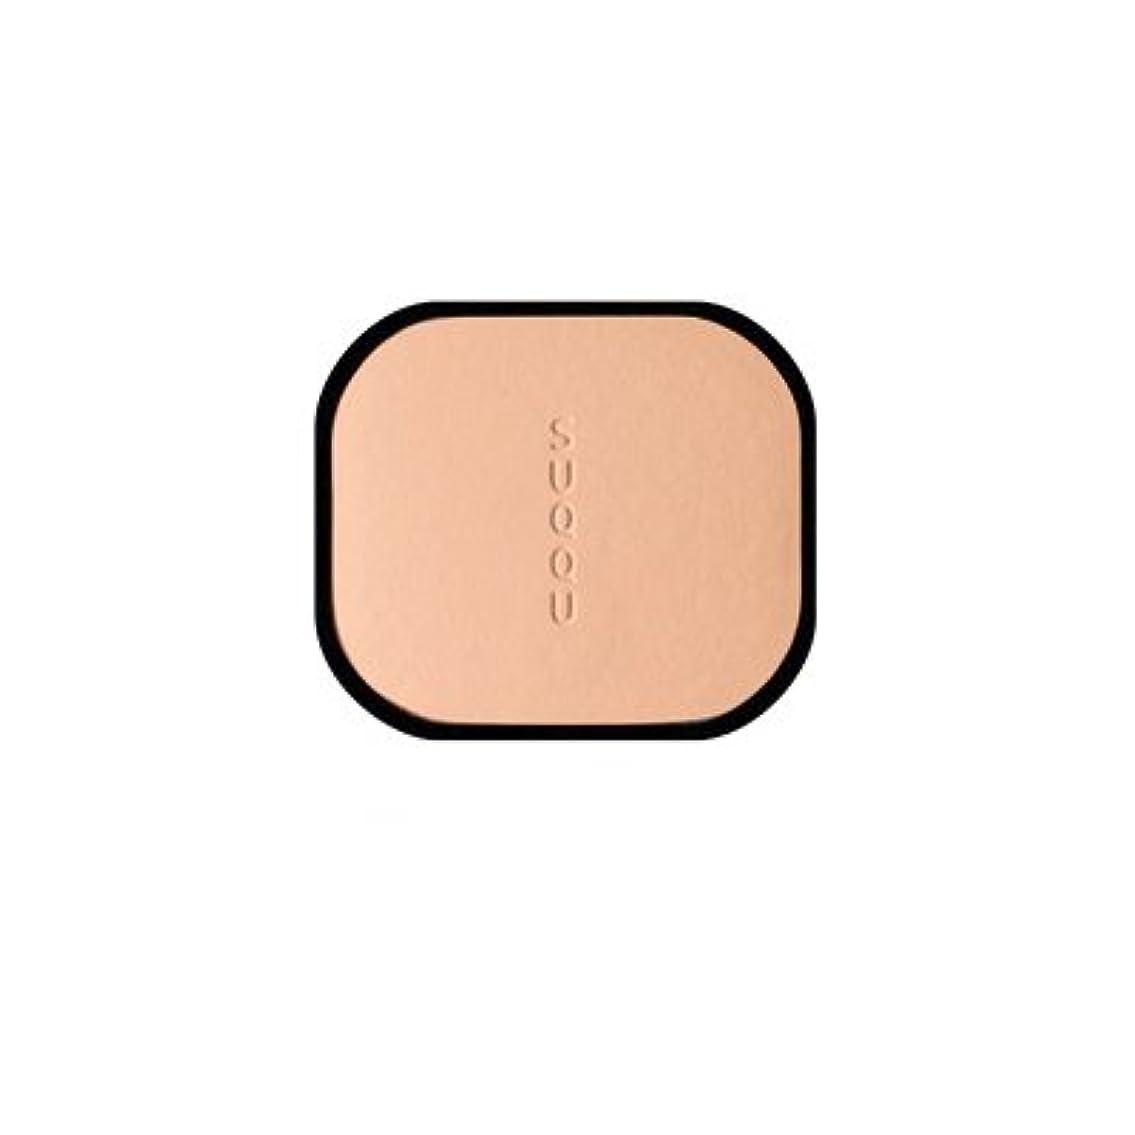 魔術師肥料火星SUQQU(スック) ルーセント パウダー ファンデーション(レフィル) #203 [並行輸入品]